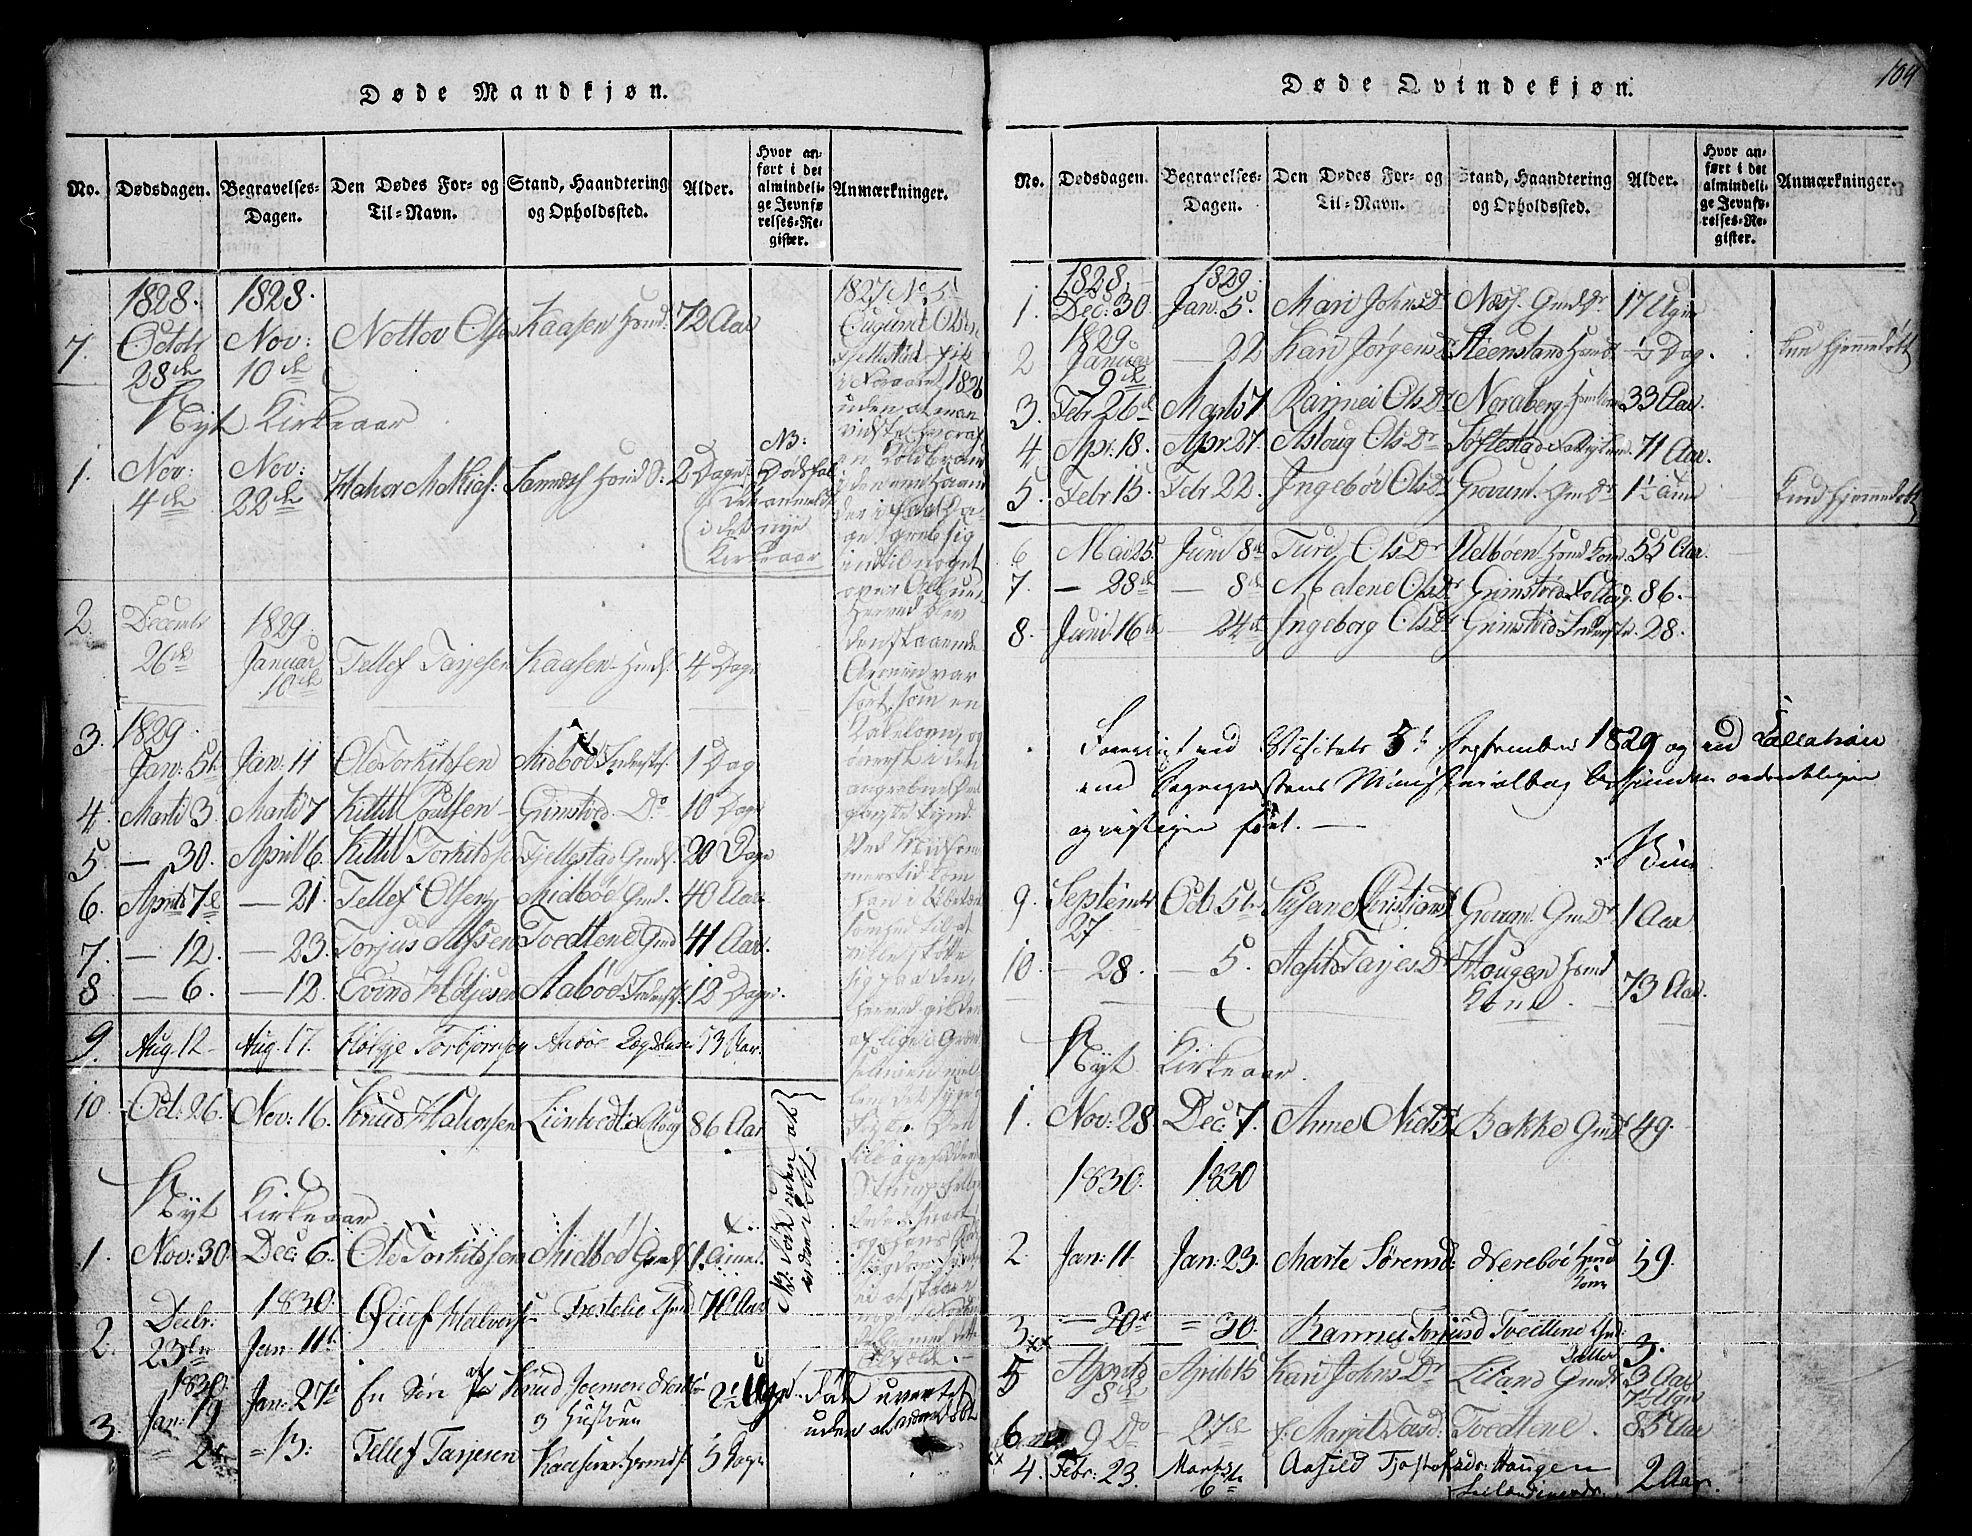 SAKO, Nissedal kirkebøker, G/Ga/L0001: Klokkerbok nr. I 1, 1814-1860, s. 104